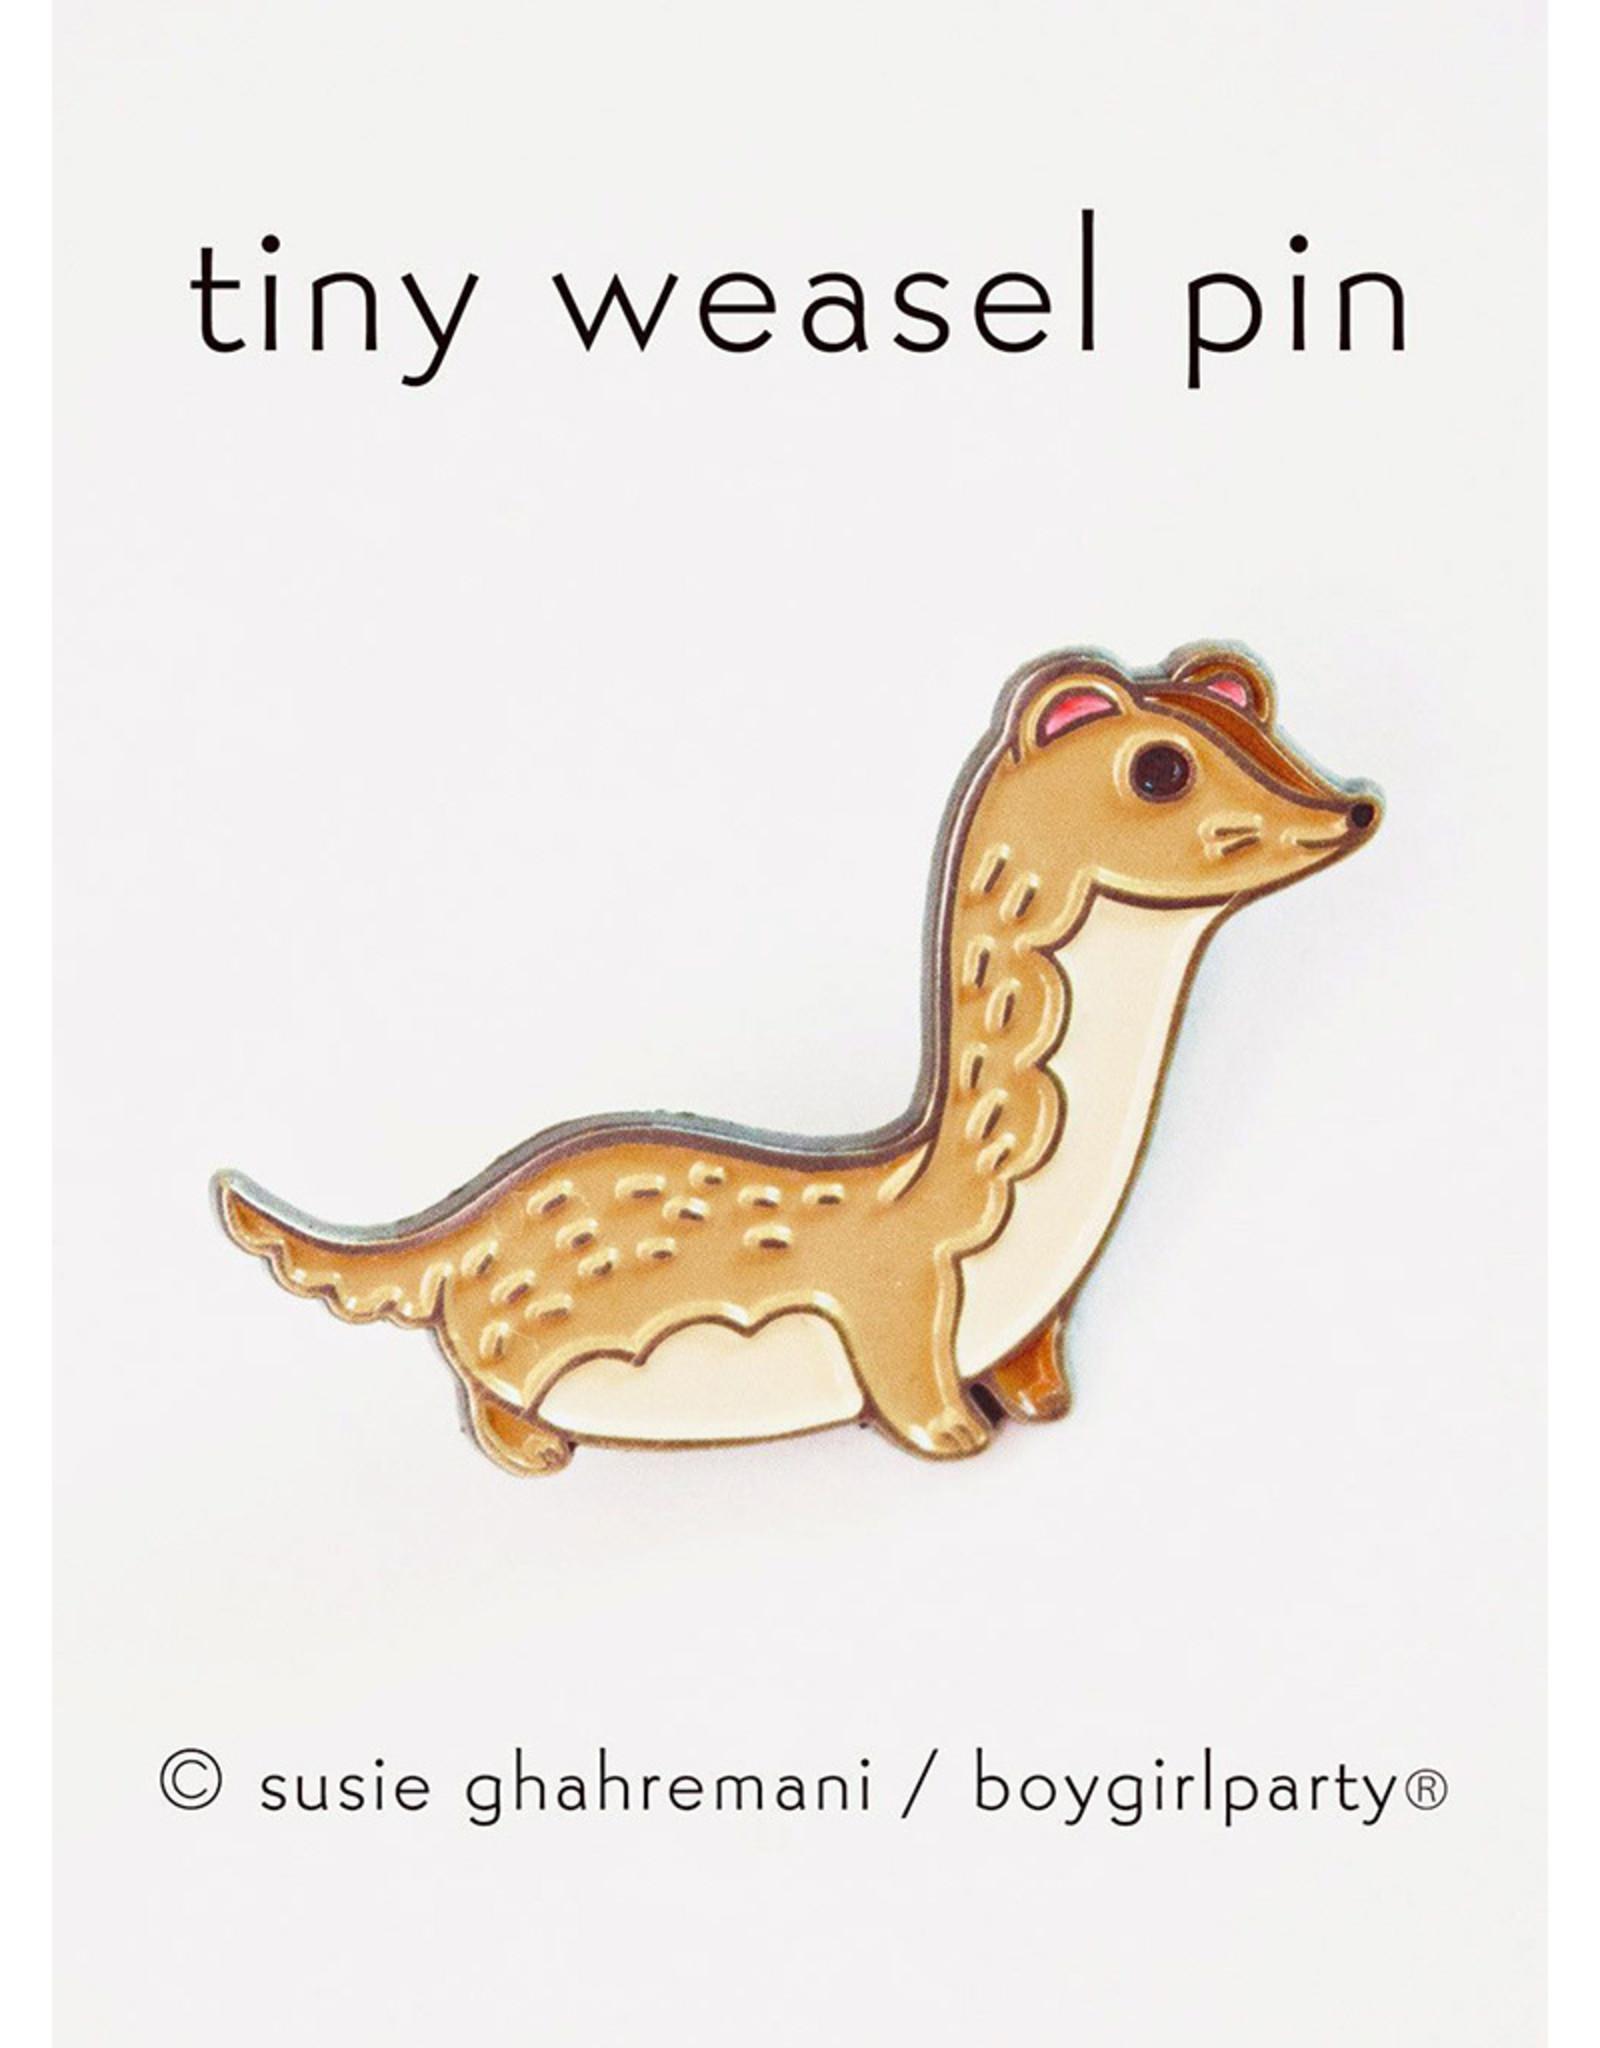 boygirlparty Assorted Enamel Pins by boygirlparty